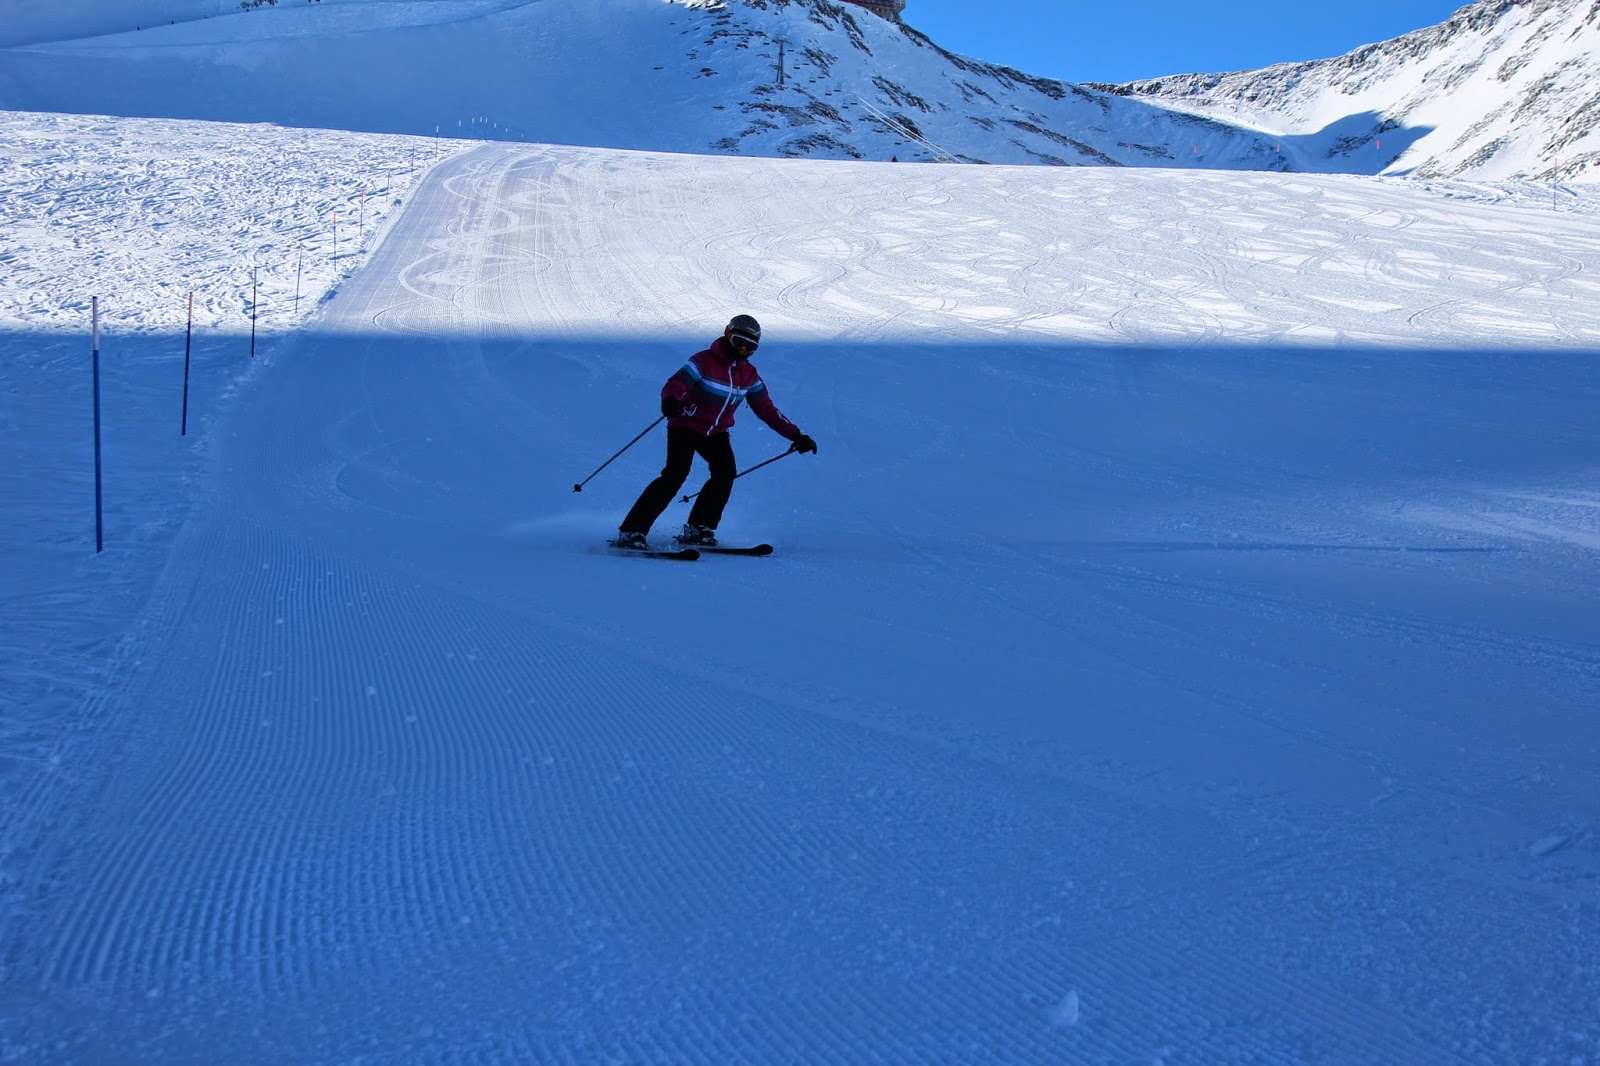 trasy narciarskie we włoszech, narciarstwo ski italia, trasy narciarskie, blog diy lifestyle